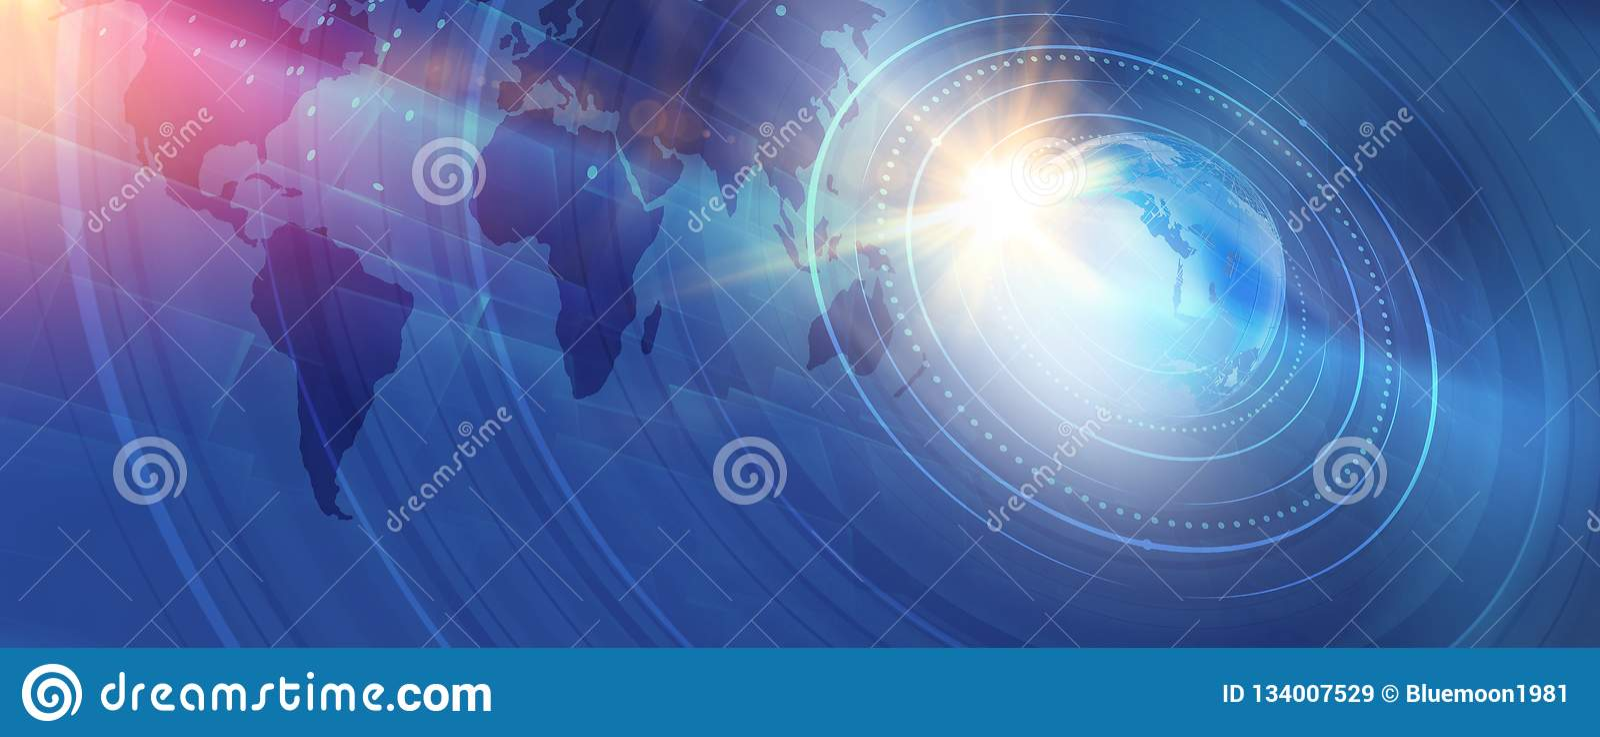 Serie digitale moderna grafica di concetto del fondo di notizie di mondo